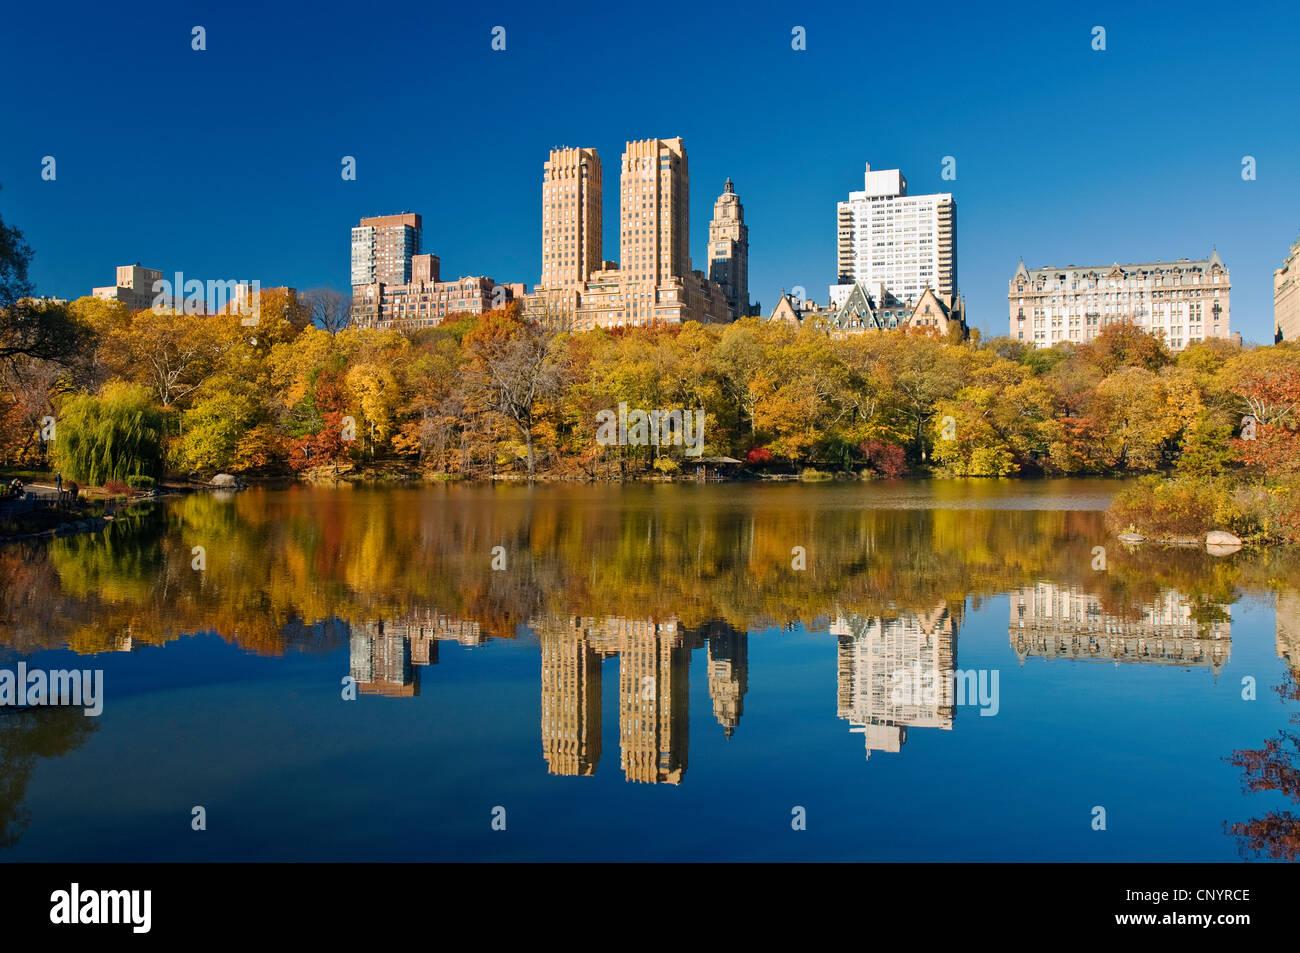 Il Central Park di New York City in autunno al lago con il Central Park West Skyline e il Dakota Apartments. Immagini Stock